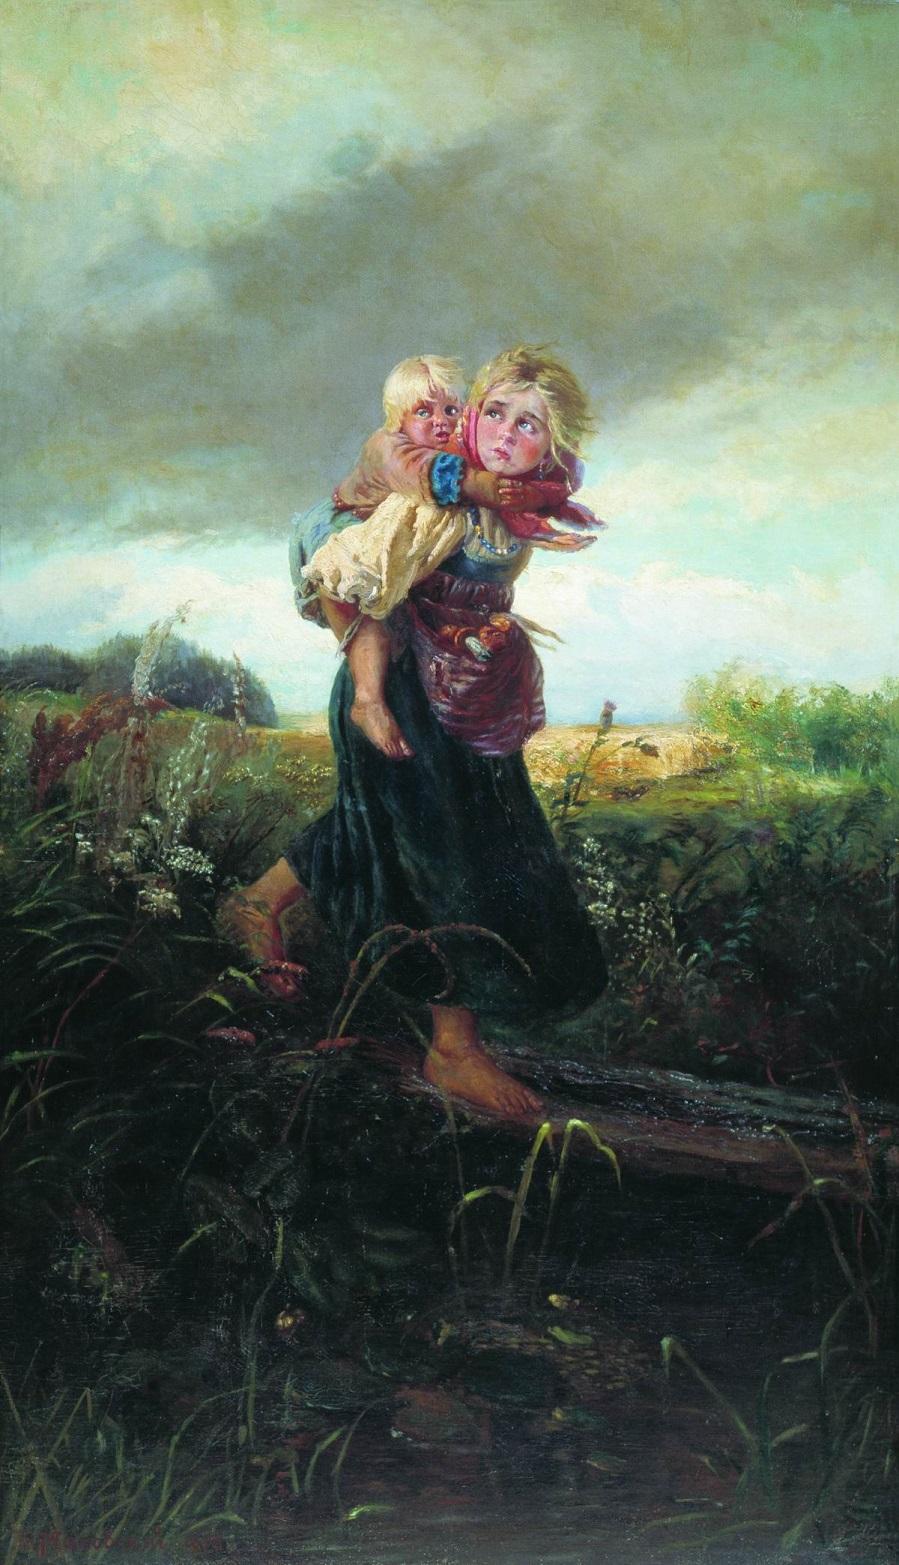 Дети, бегущие от грозы. 1878  Полтавский областной художественный музей им. Николая Ярошенко, Украина.